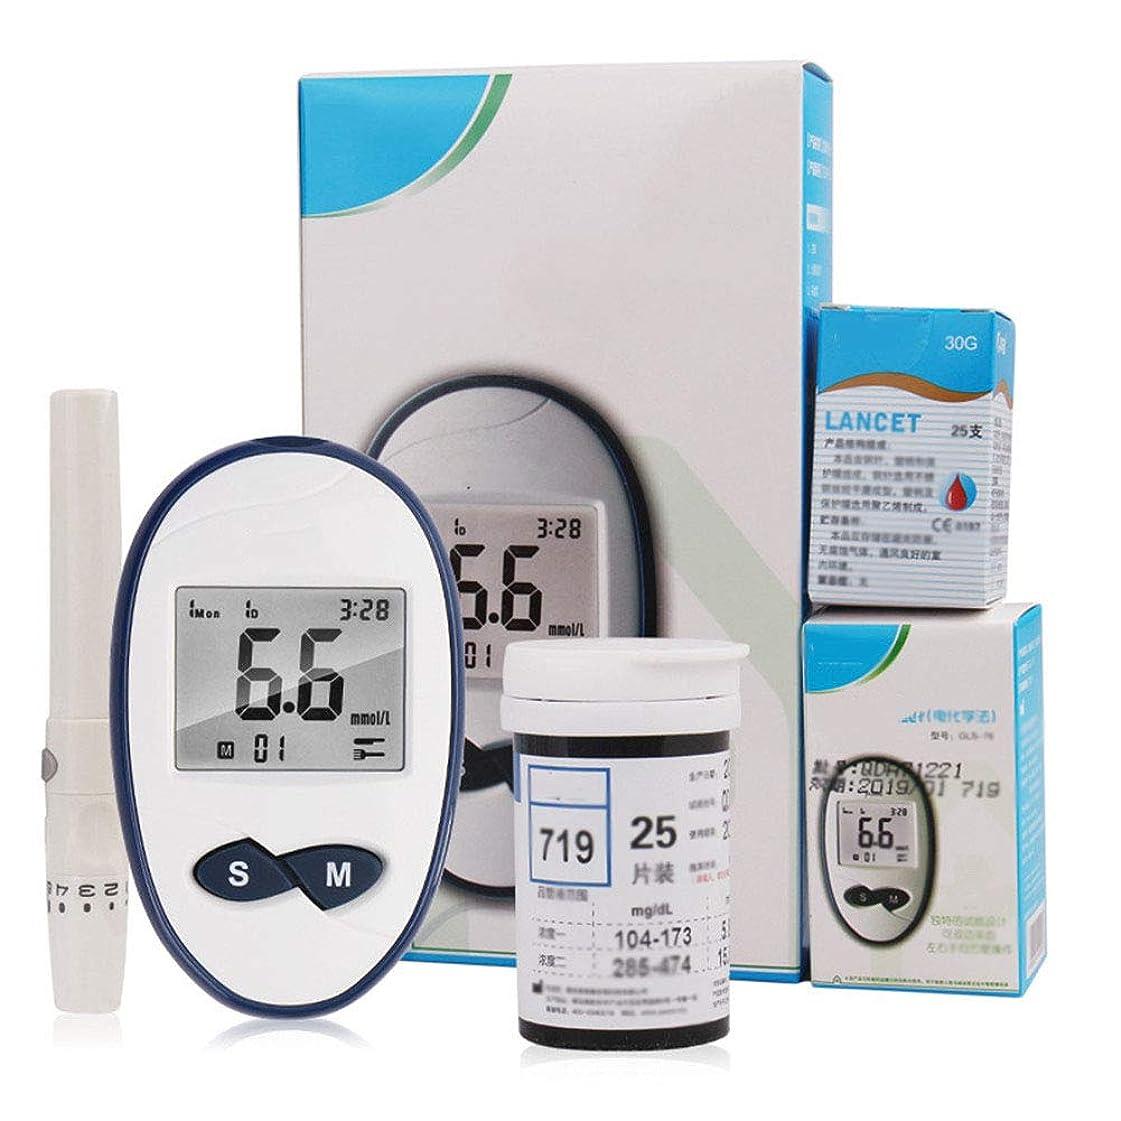 モート堀虐待血糖テストキット糖尿病モニタリングキット8秒モニタリング平均計算高低警告50テストストリップと測定針